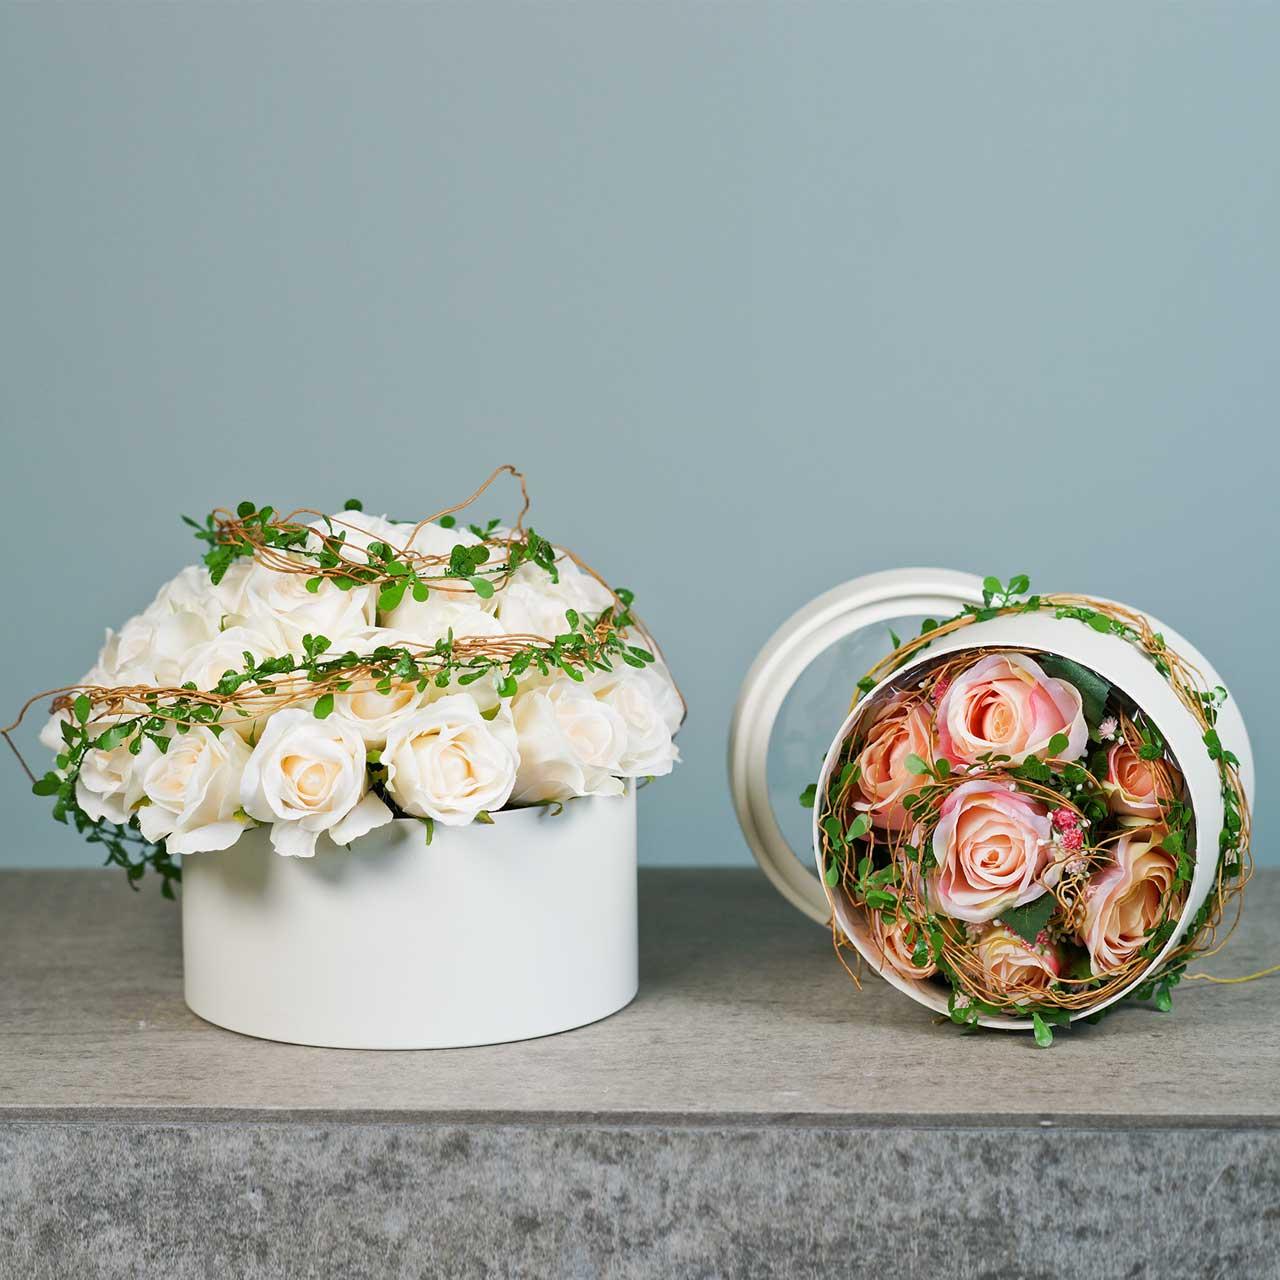 Boîte à fleurs ronde en carton crème Ø15,5 / 19cm lot de 2